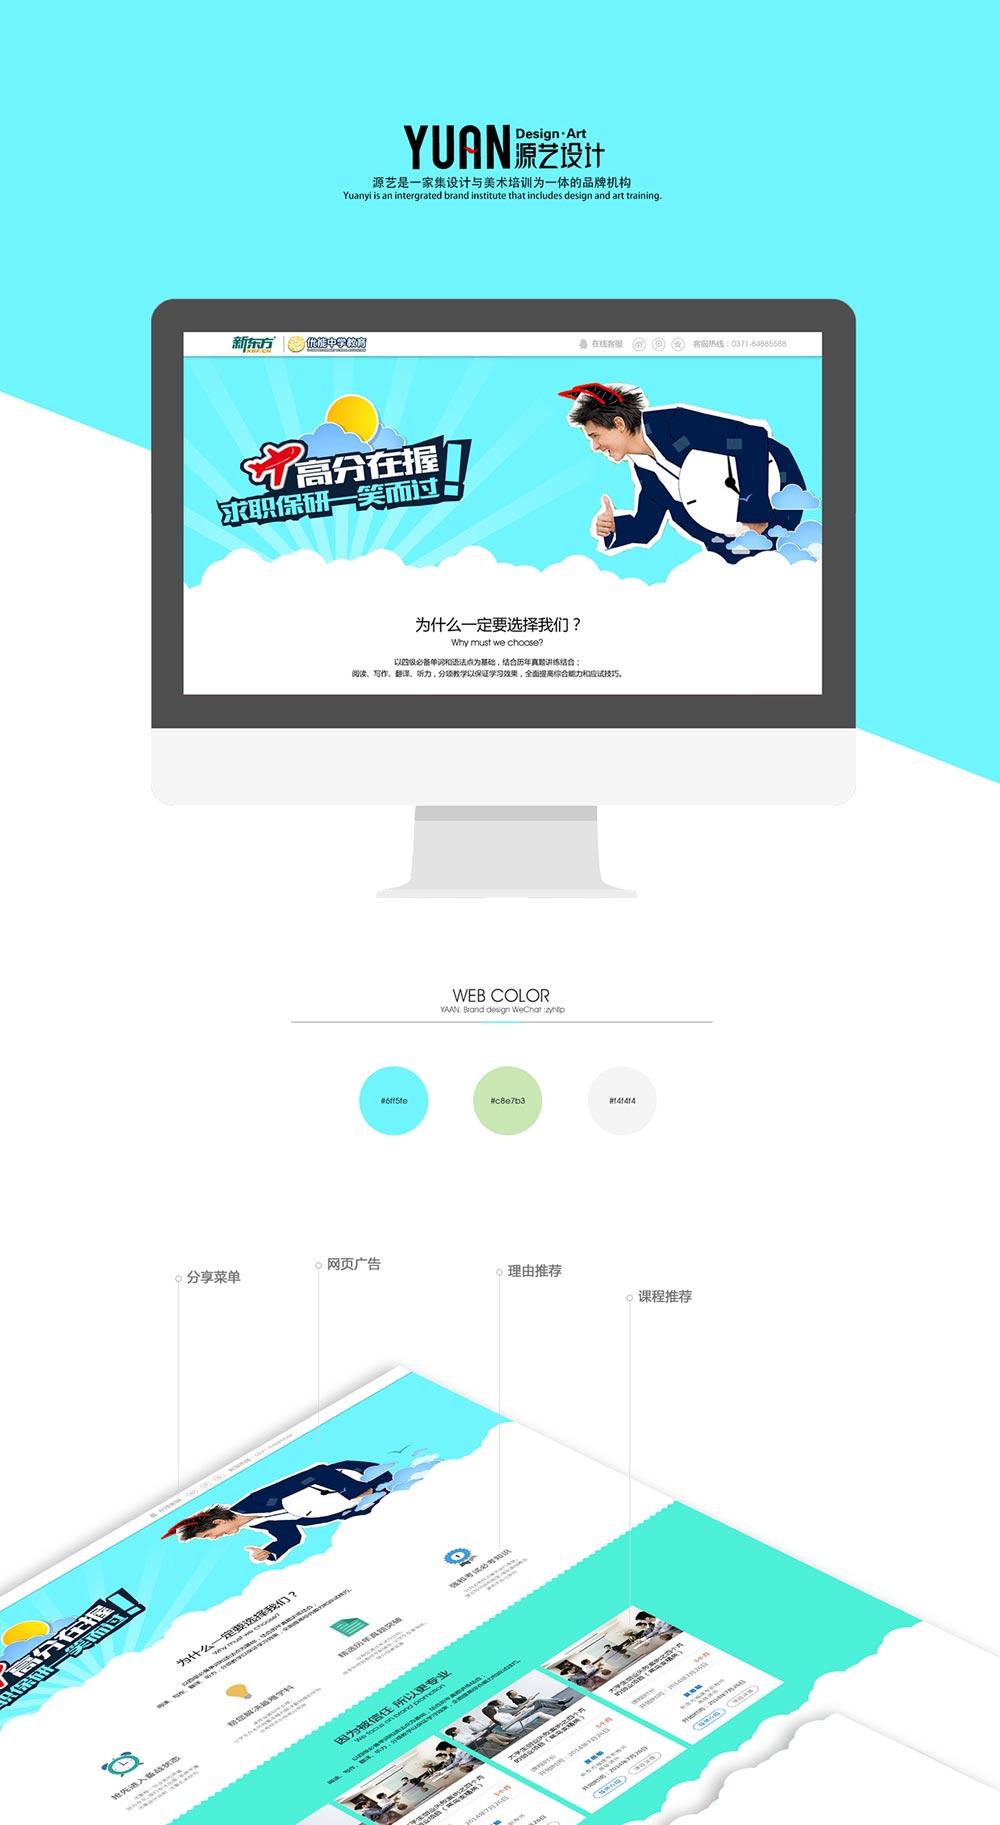 新东方培训的一个专题页面设计